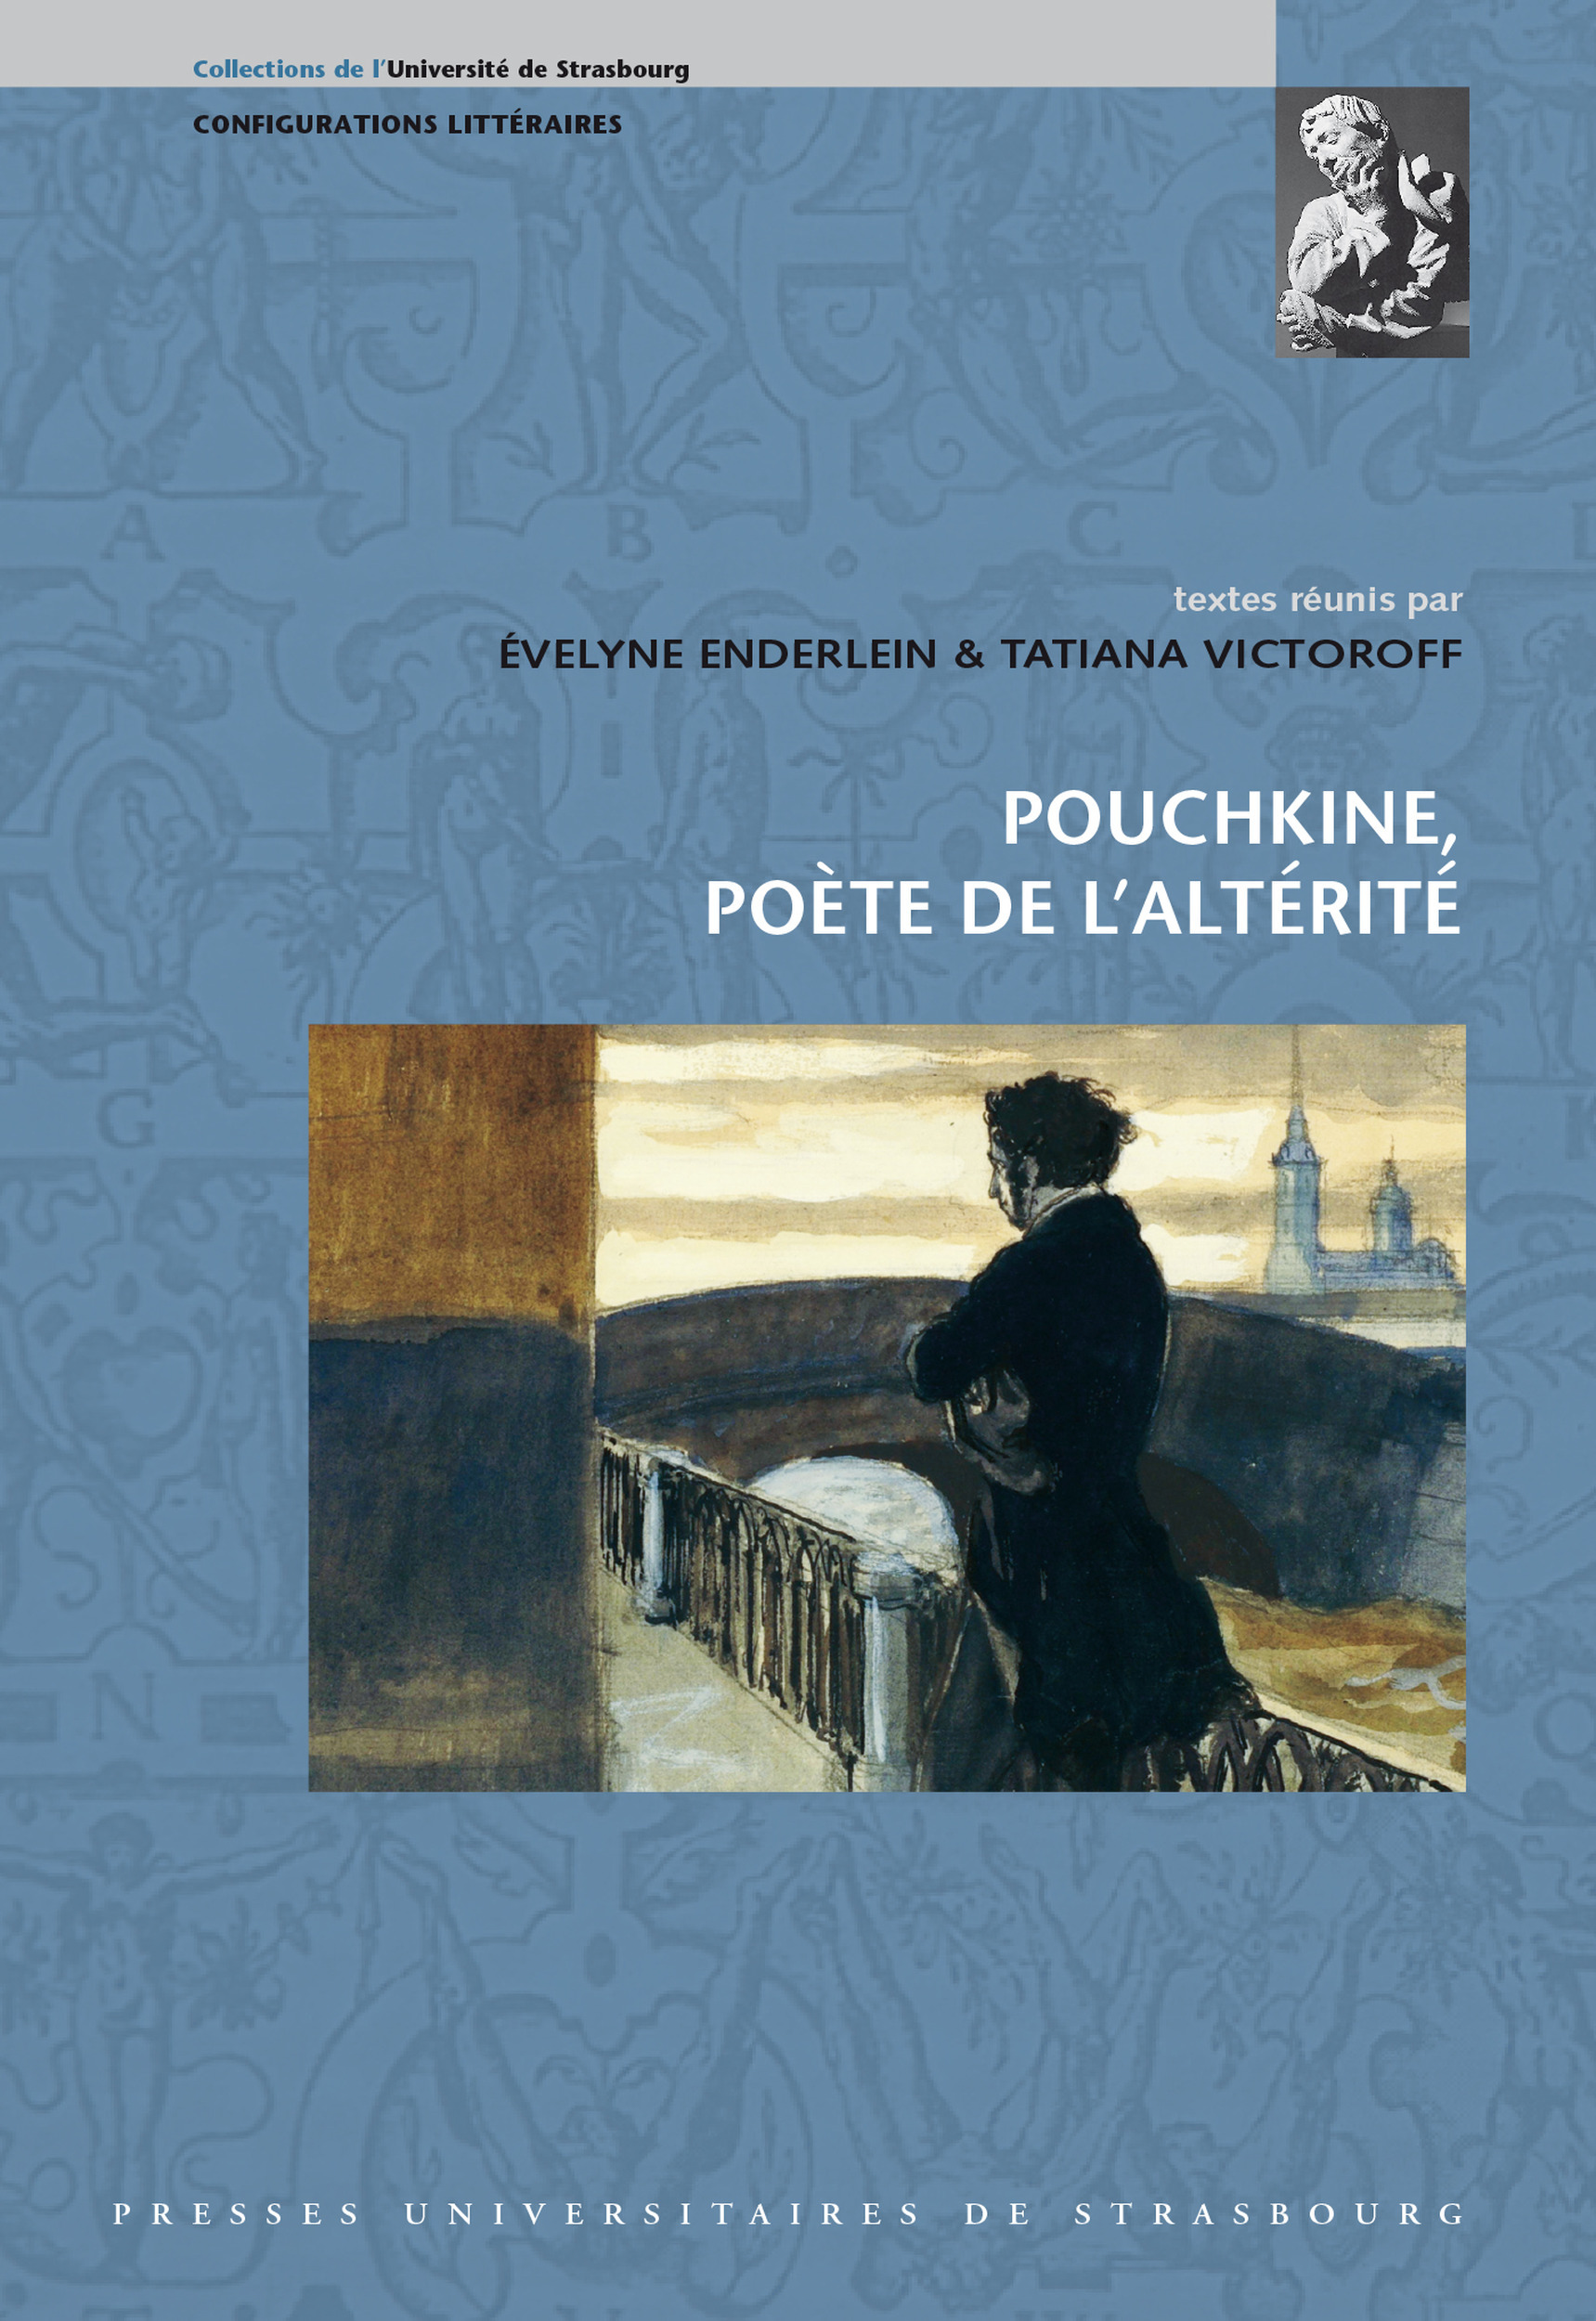 Pouchkine, poete de l'alterite